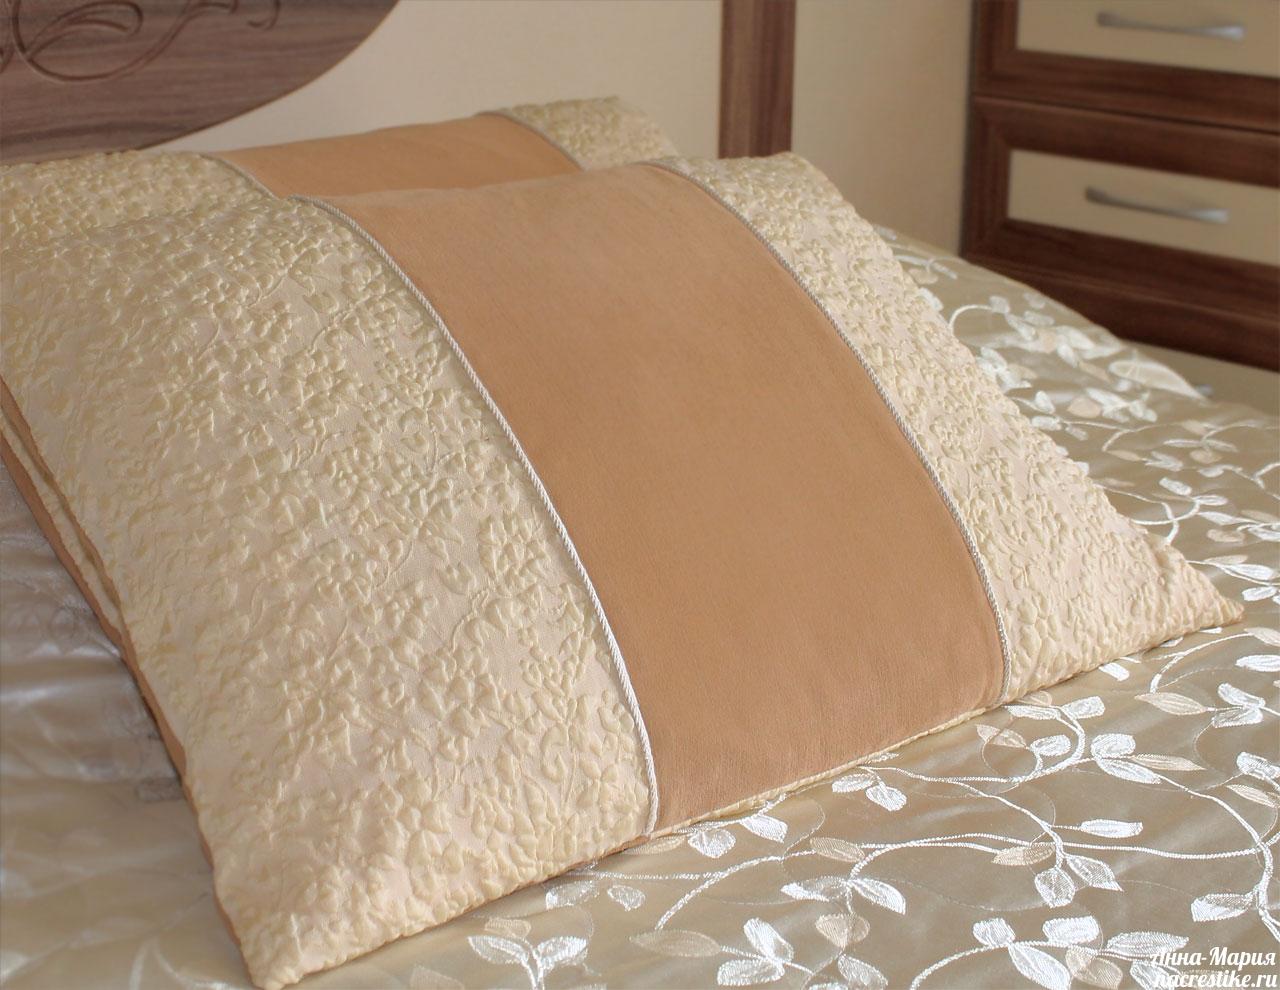 Наволочки на подушки из маминого выпускного платья)